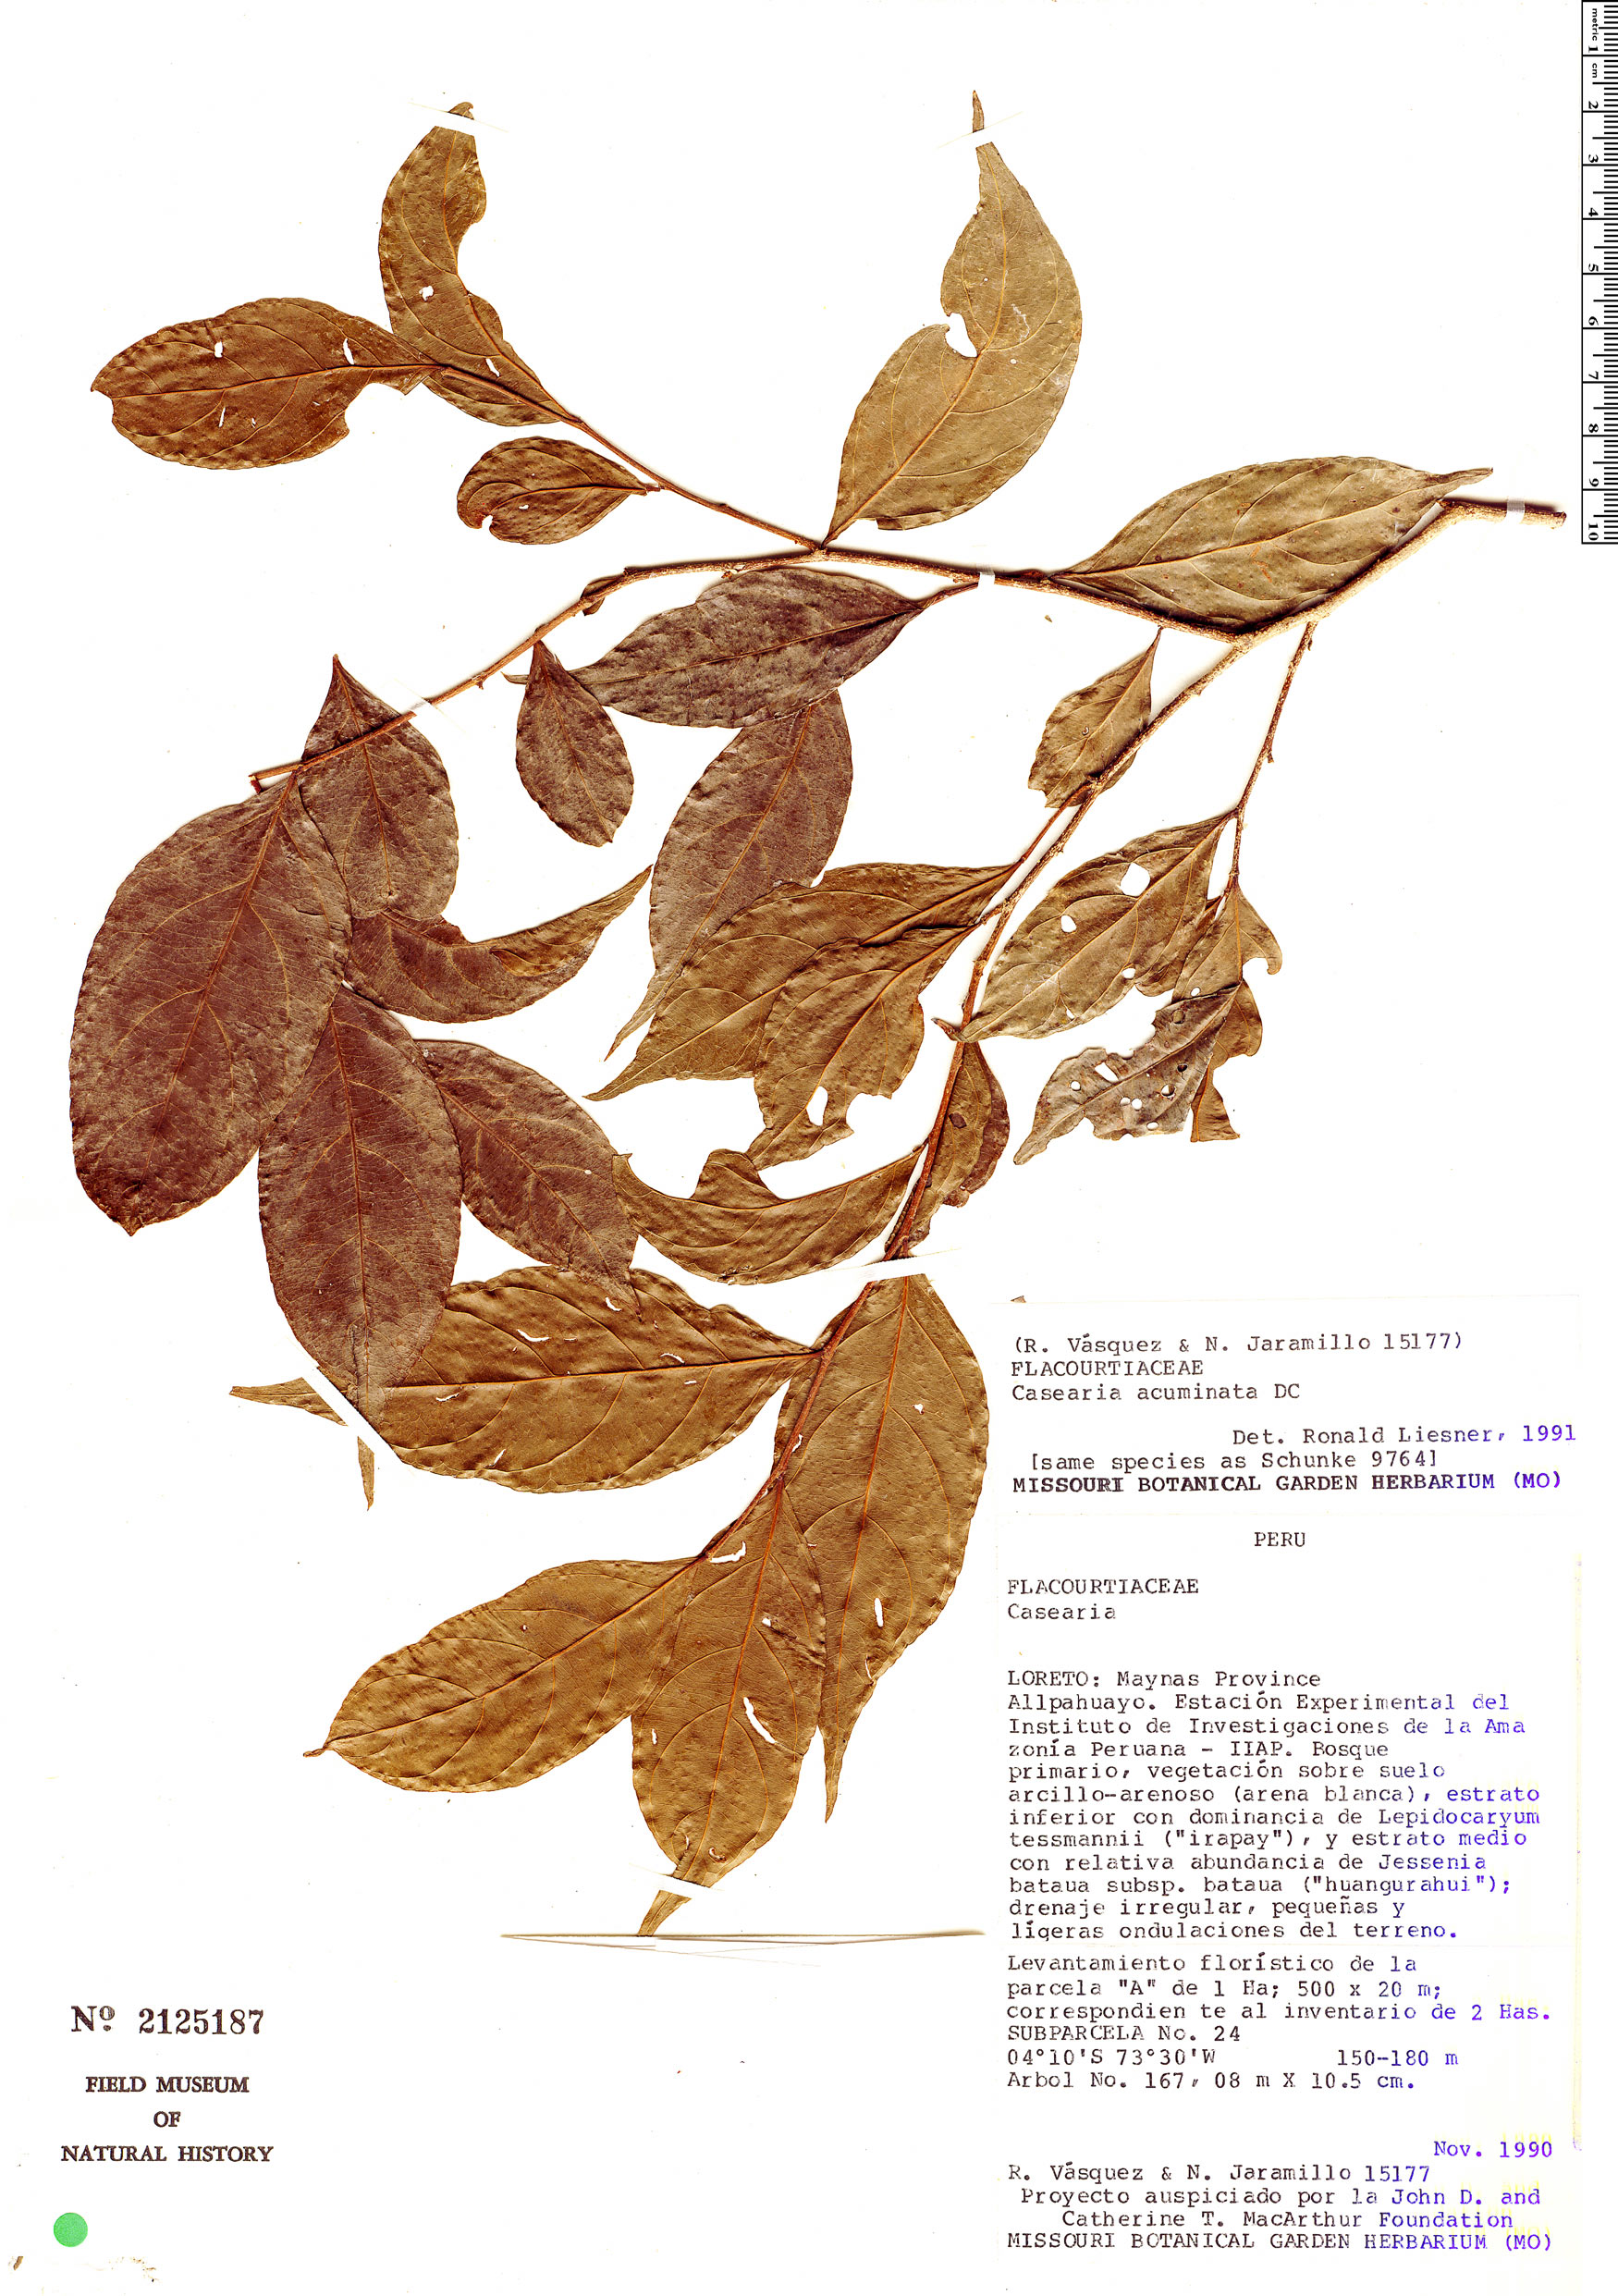 Espécime: Casearia acuminata